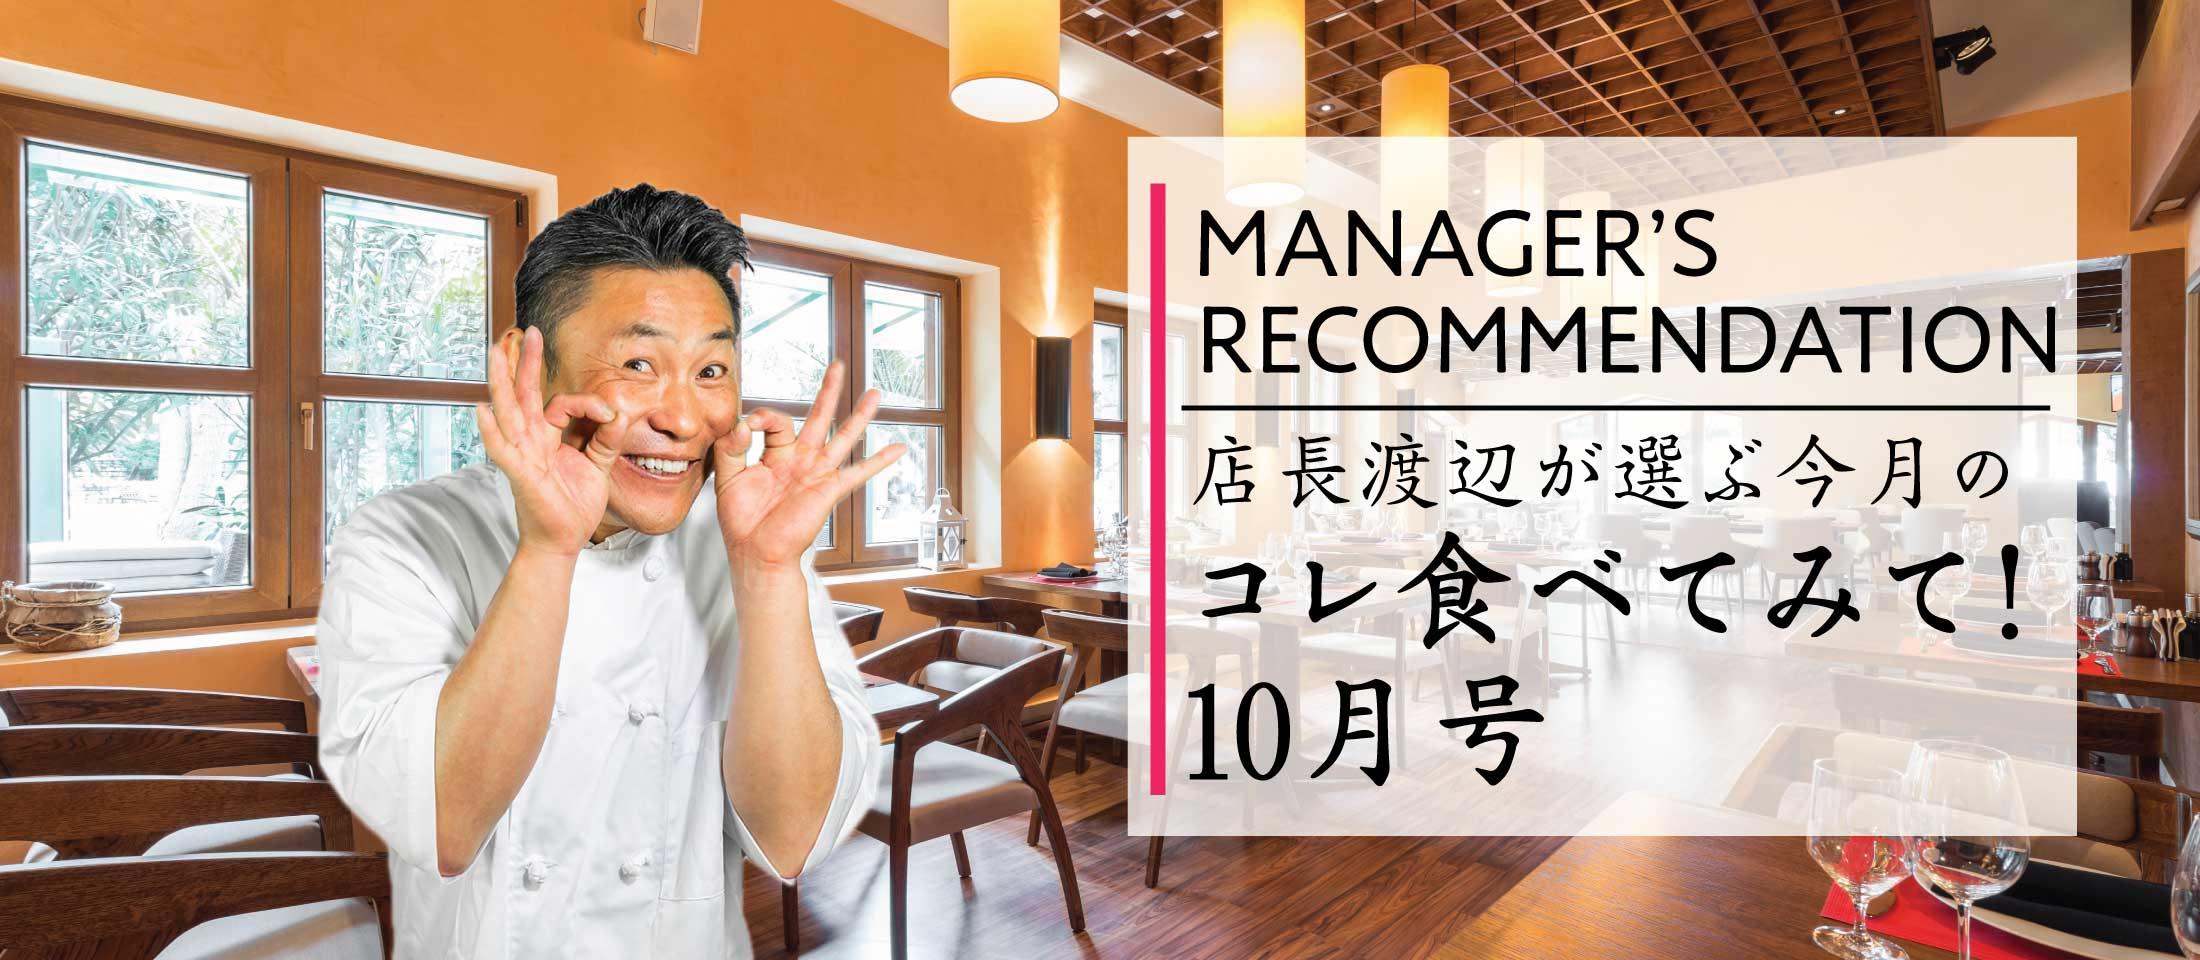 店長おすすめ10月号 業務用食品・冷凍食品おすすめ 業務用食品・冷凍食品の通販 |ナカヤマフーズ